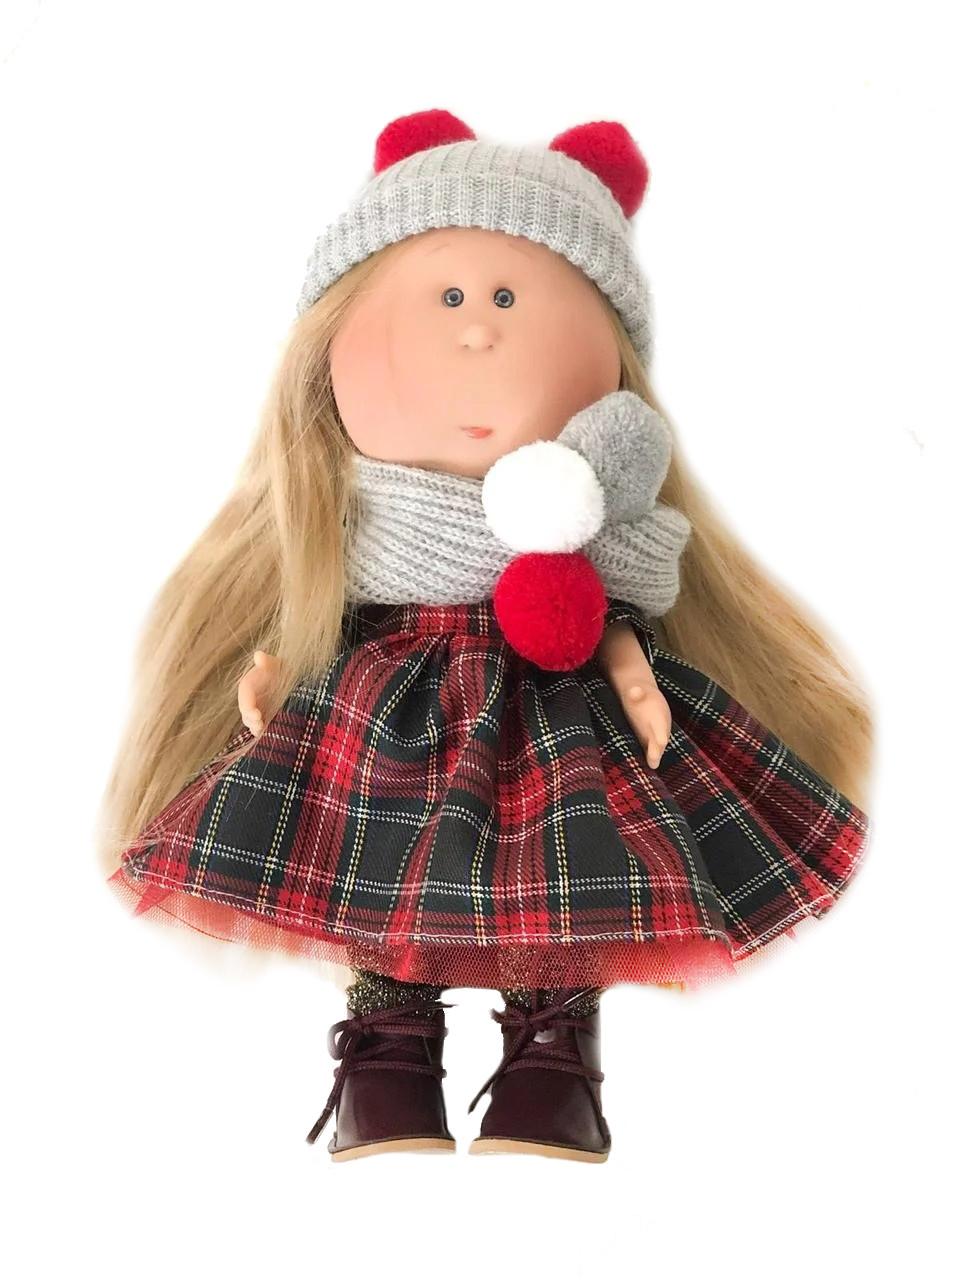 Испанская кукла-пупс Mia с ароматом ванили (Nines d'Onil)